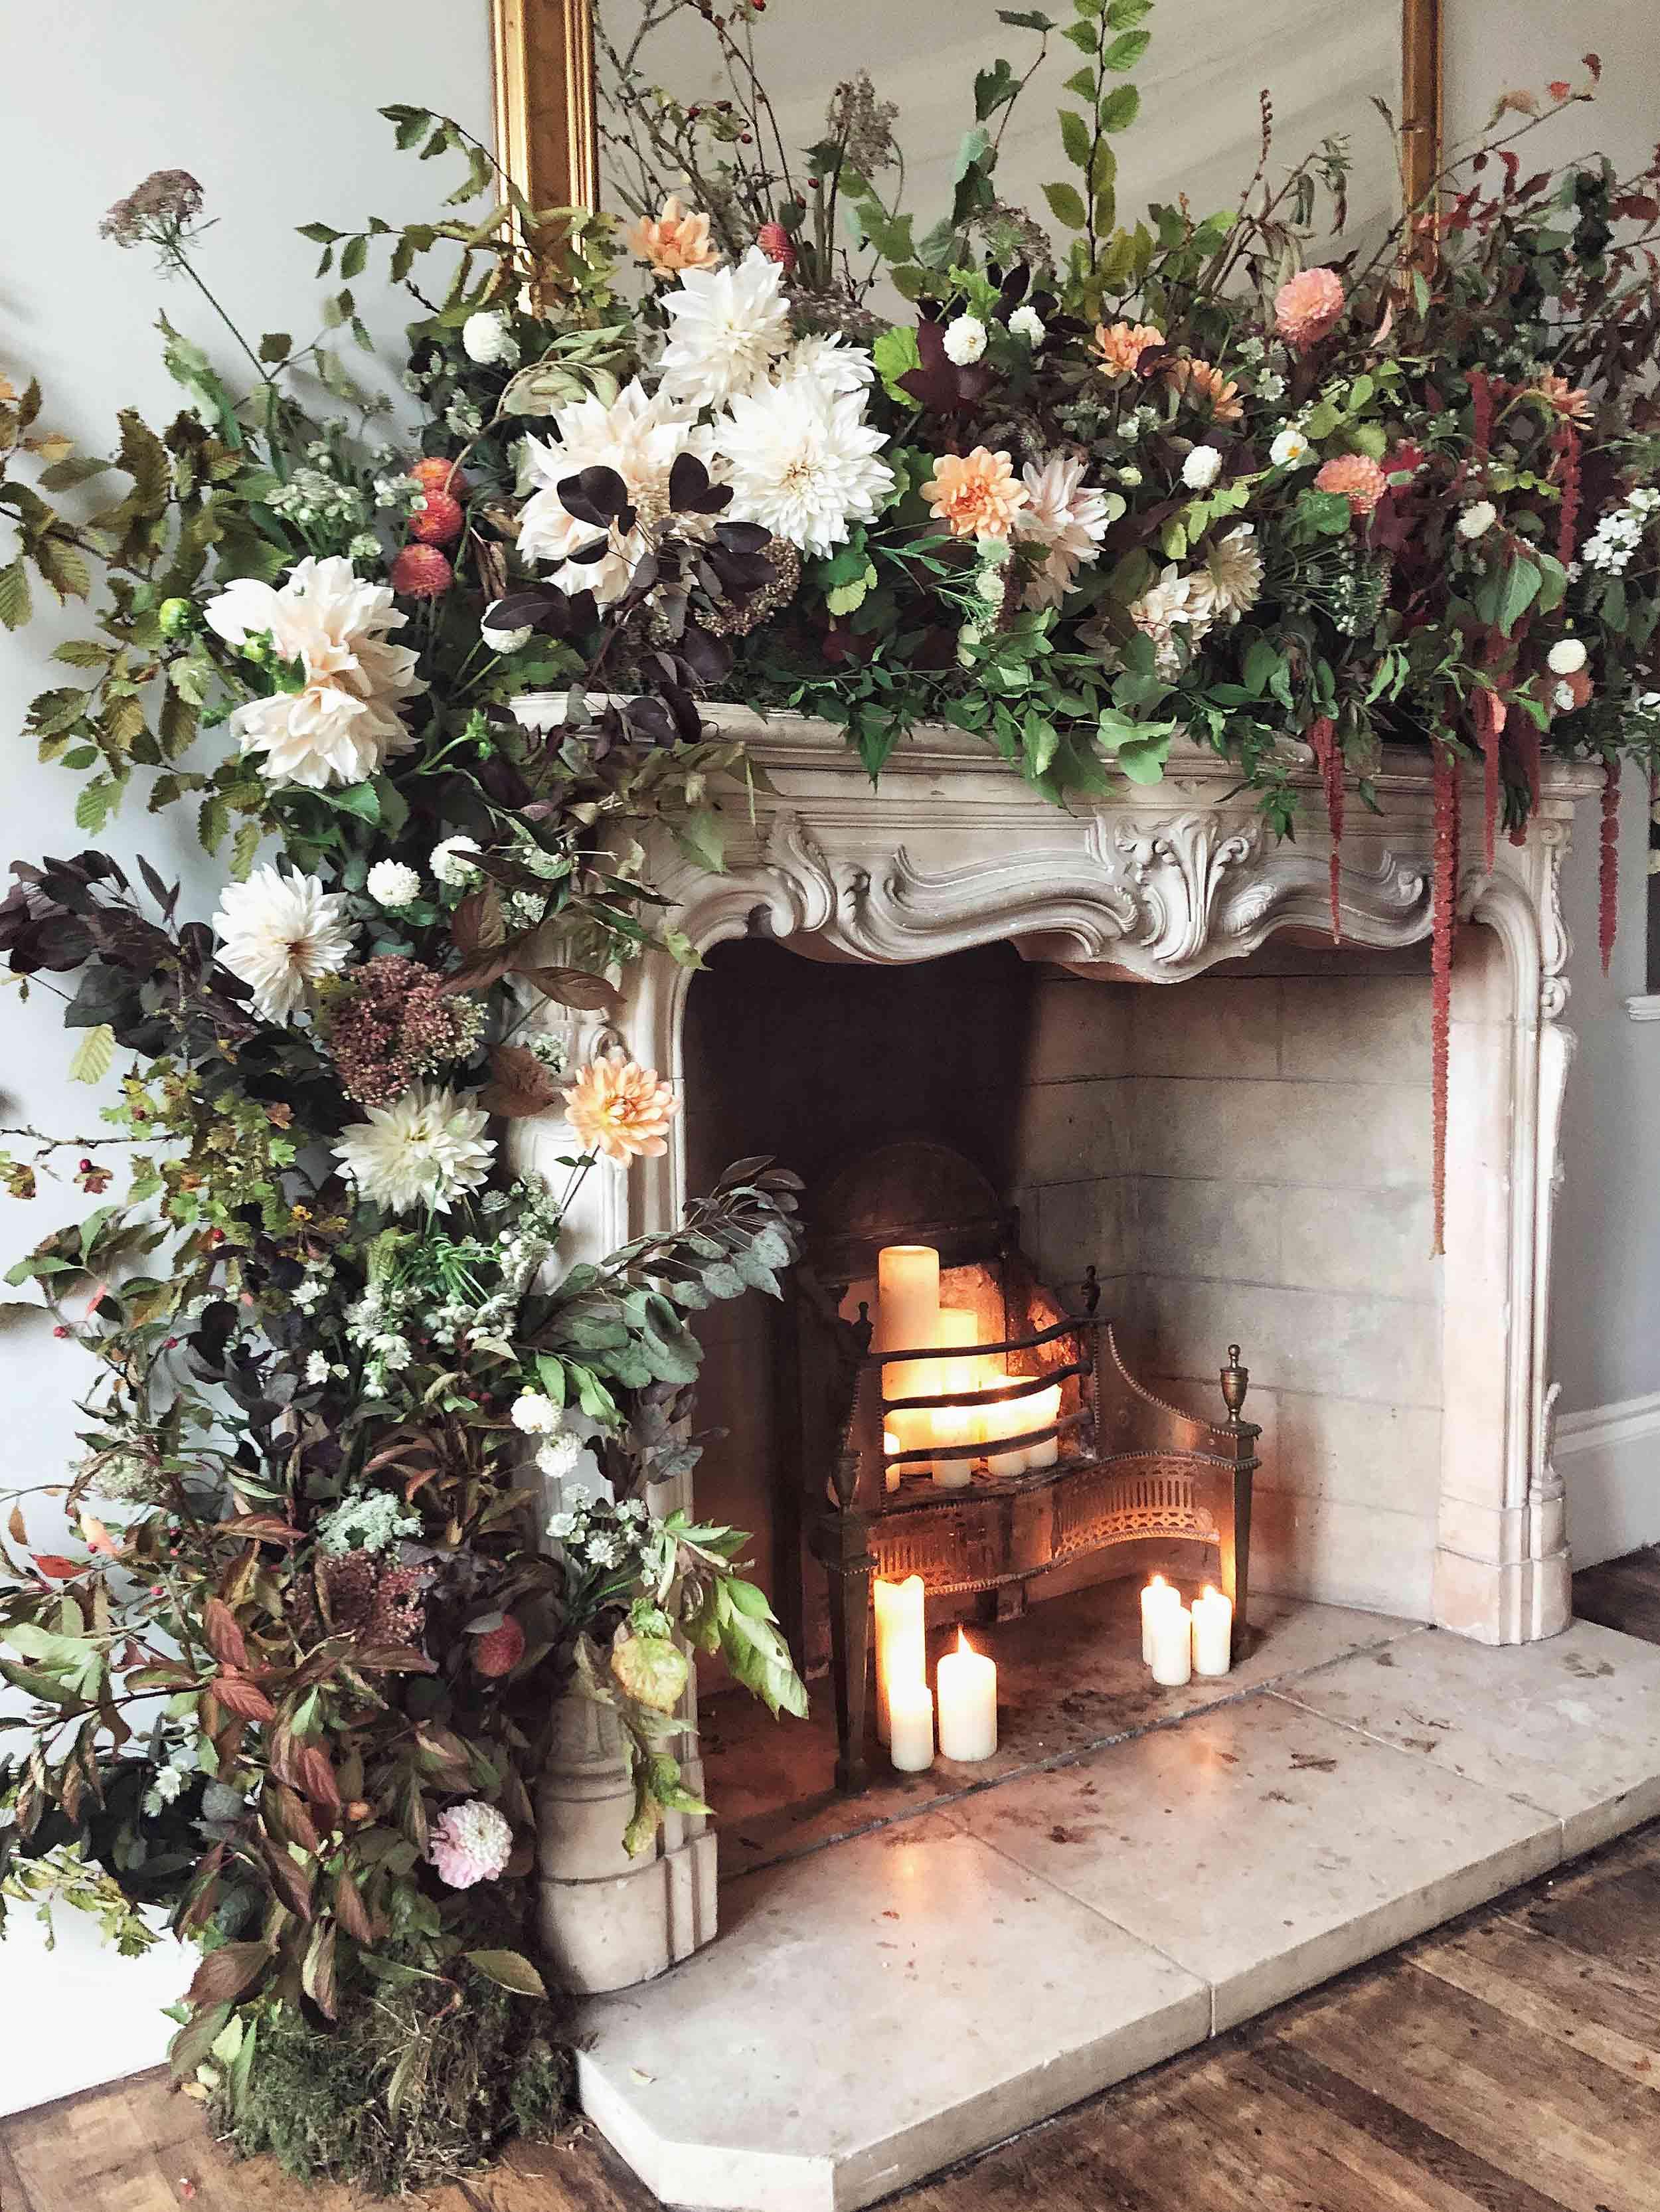 lunaria_wedding_flowers_somerset_UK_04.jpg